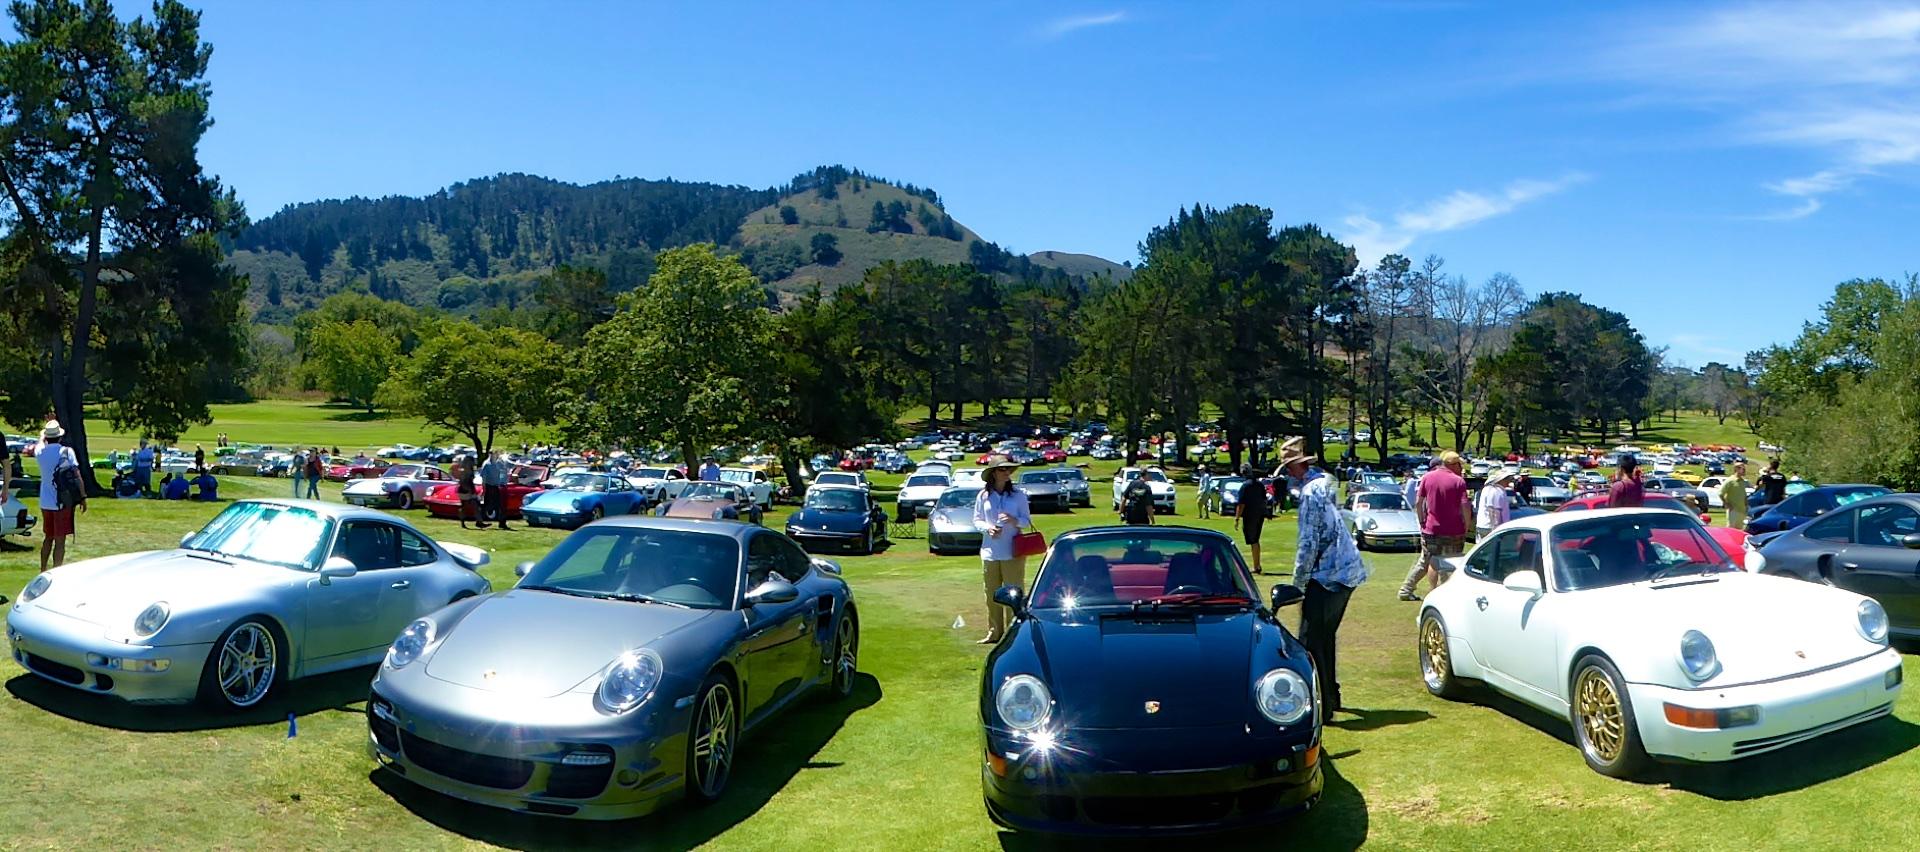 Monterey Historics Porsche 911's at Porsche Werks Reunion, Carmel-by-the-Sea, California, USA